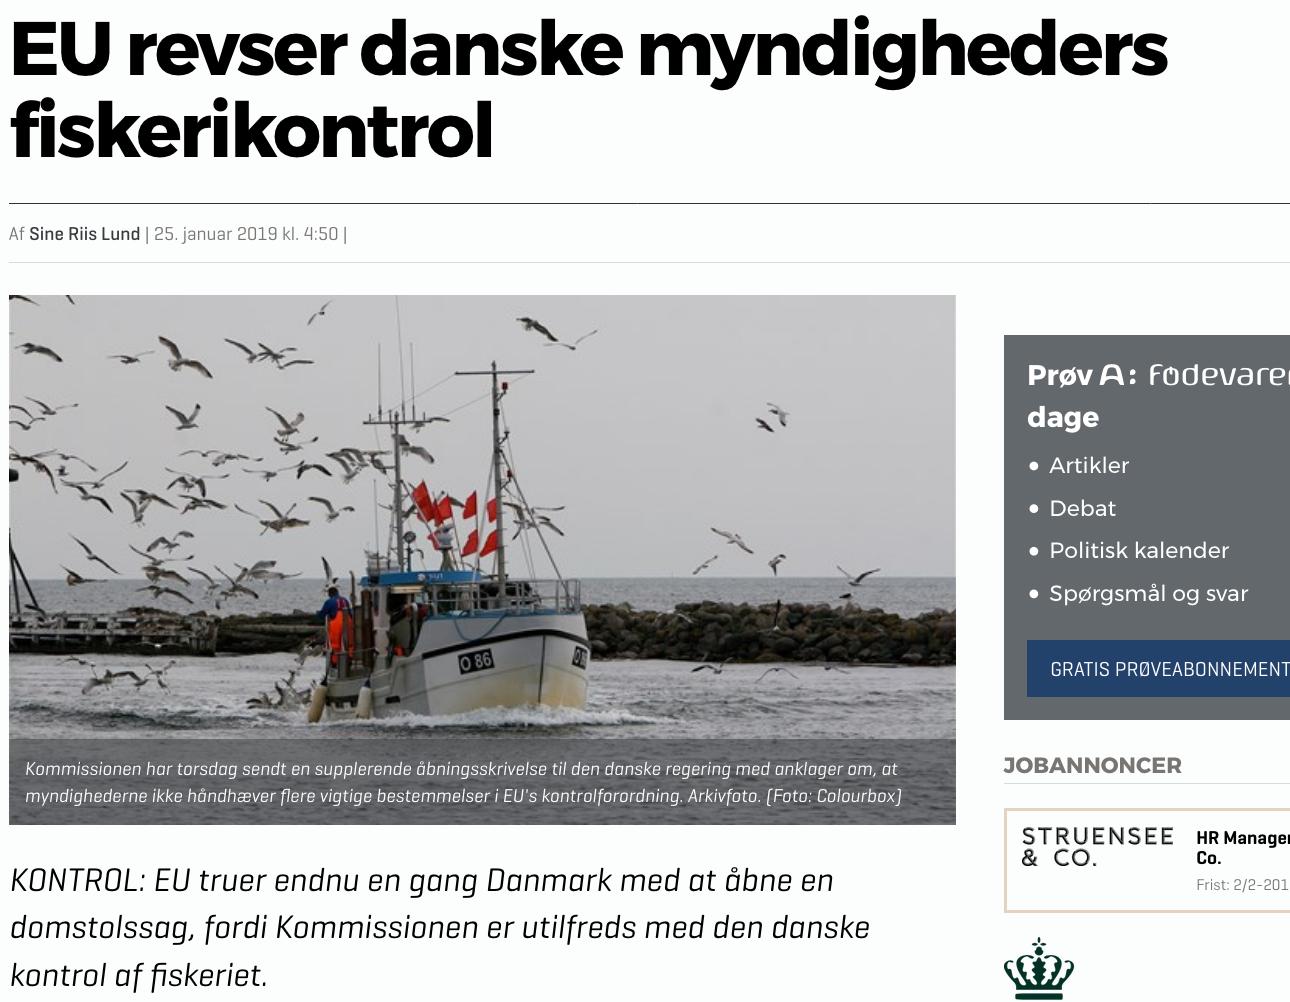 EU revser danske myndigheders skerikontrol